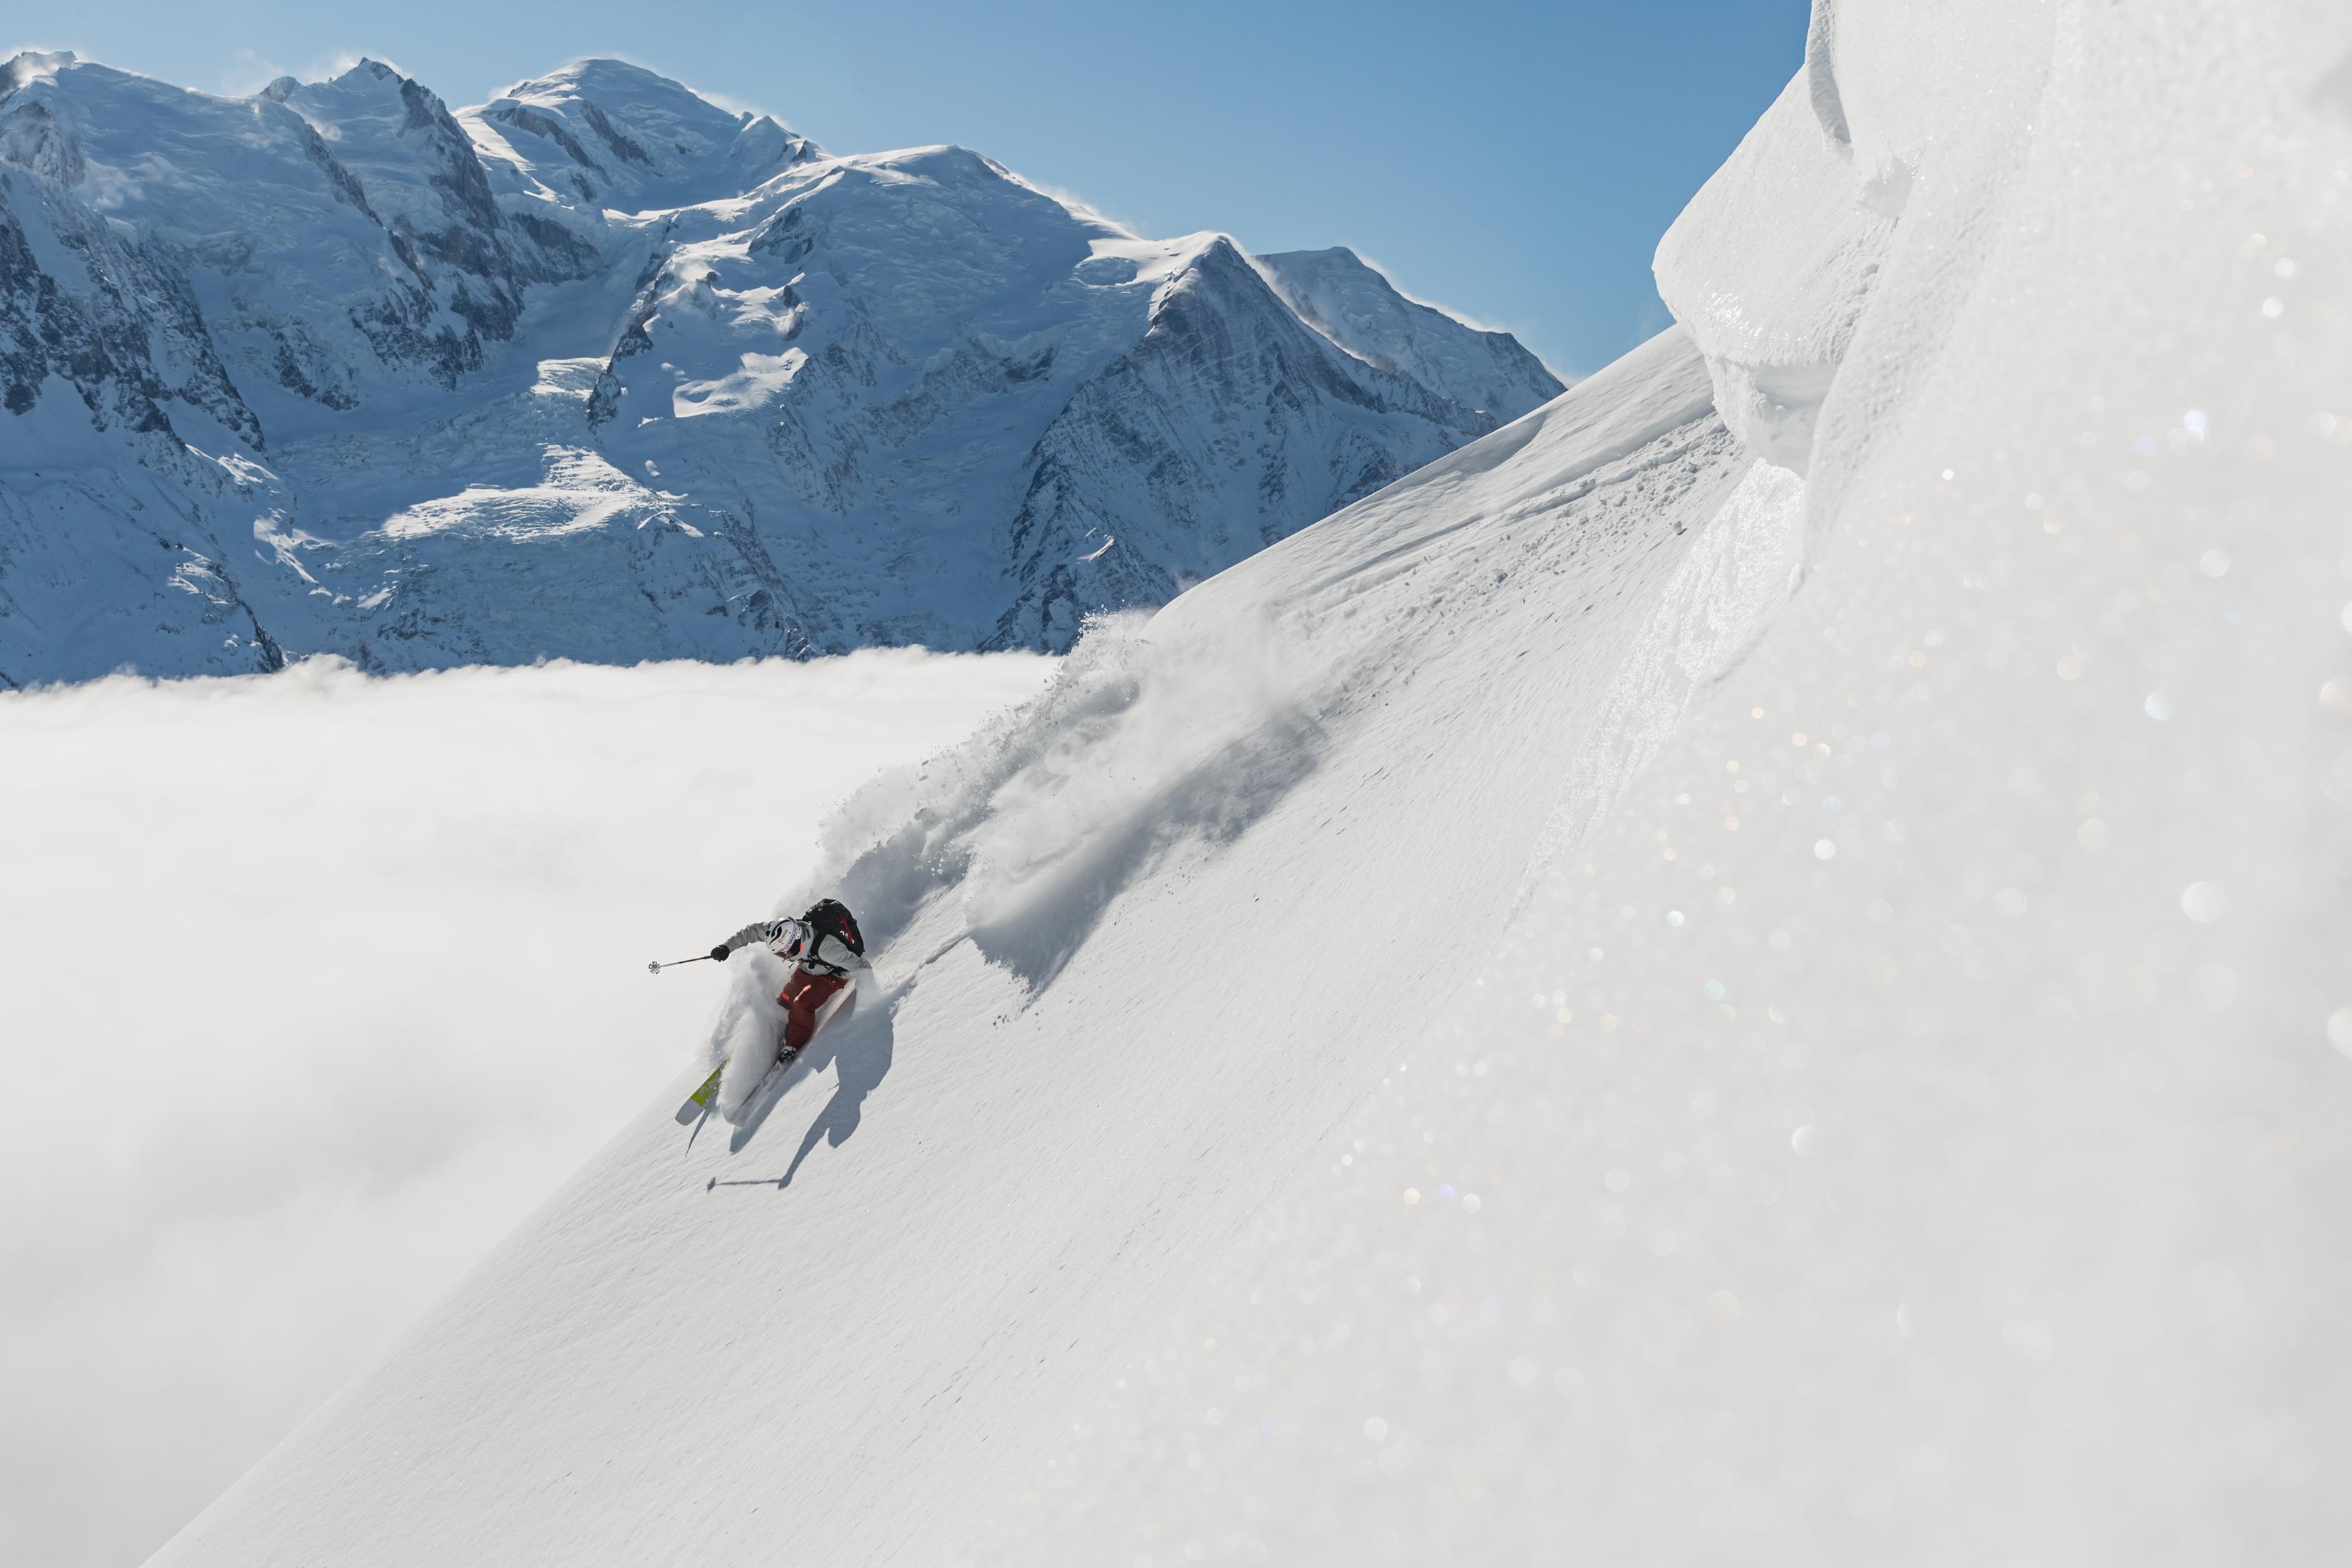 Skier making turn while wearing Helly Hansen Infinity Ski Jacket